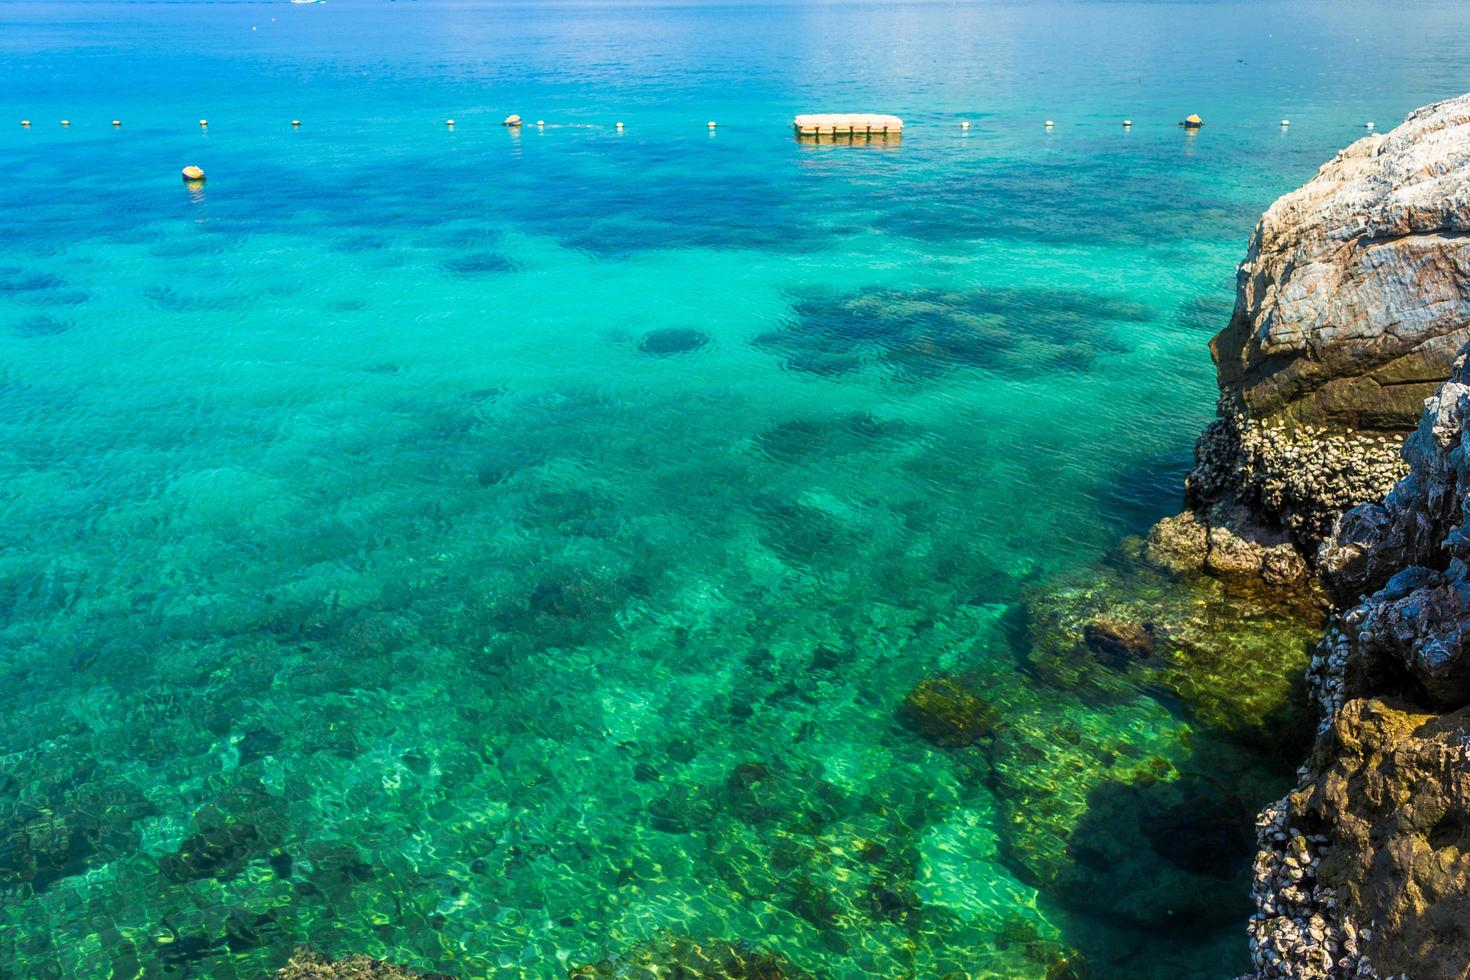 océan tropical pendant la journée photo